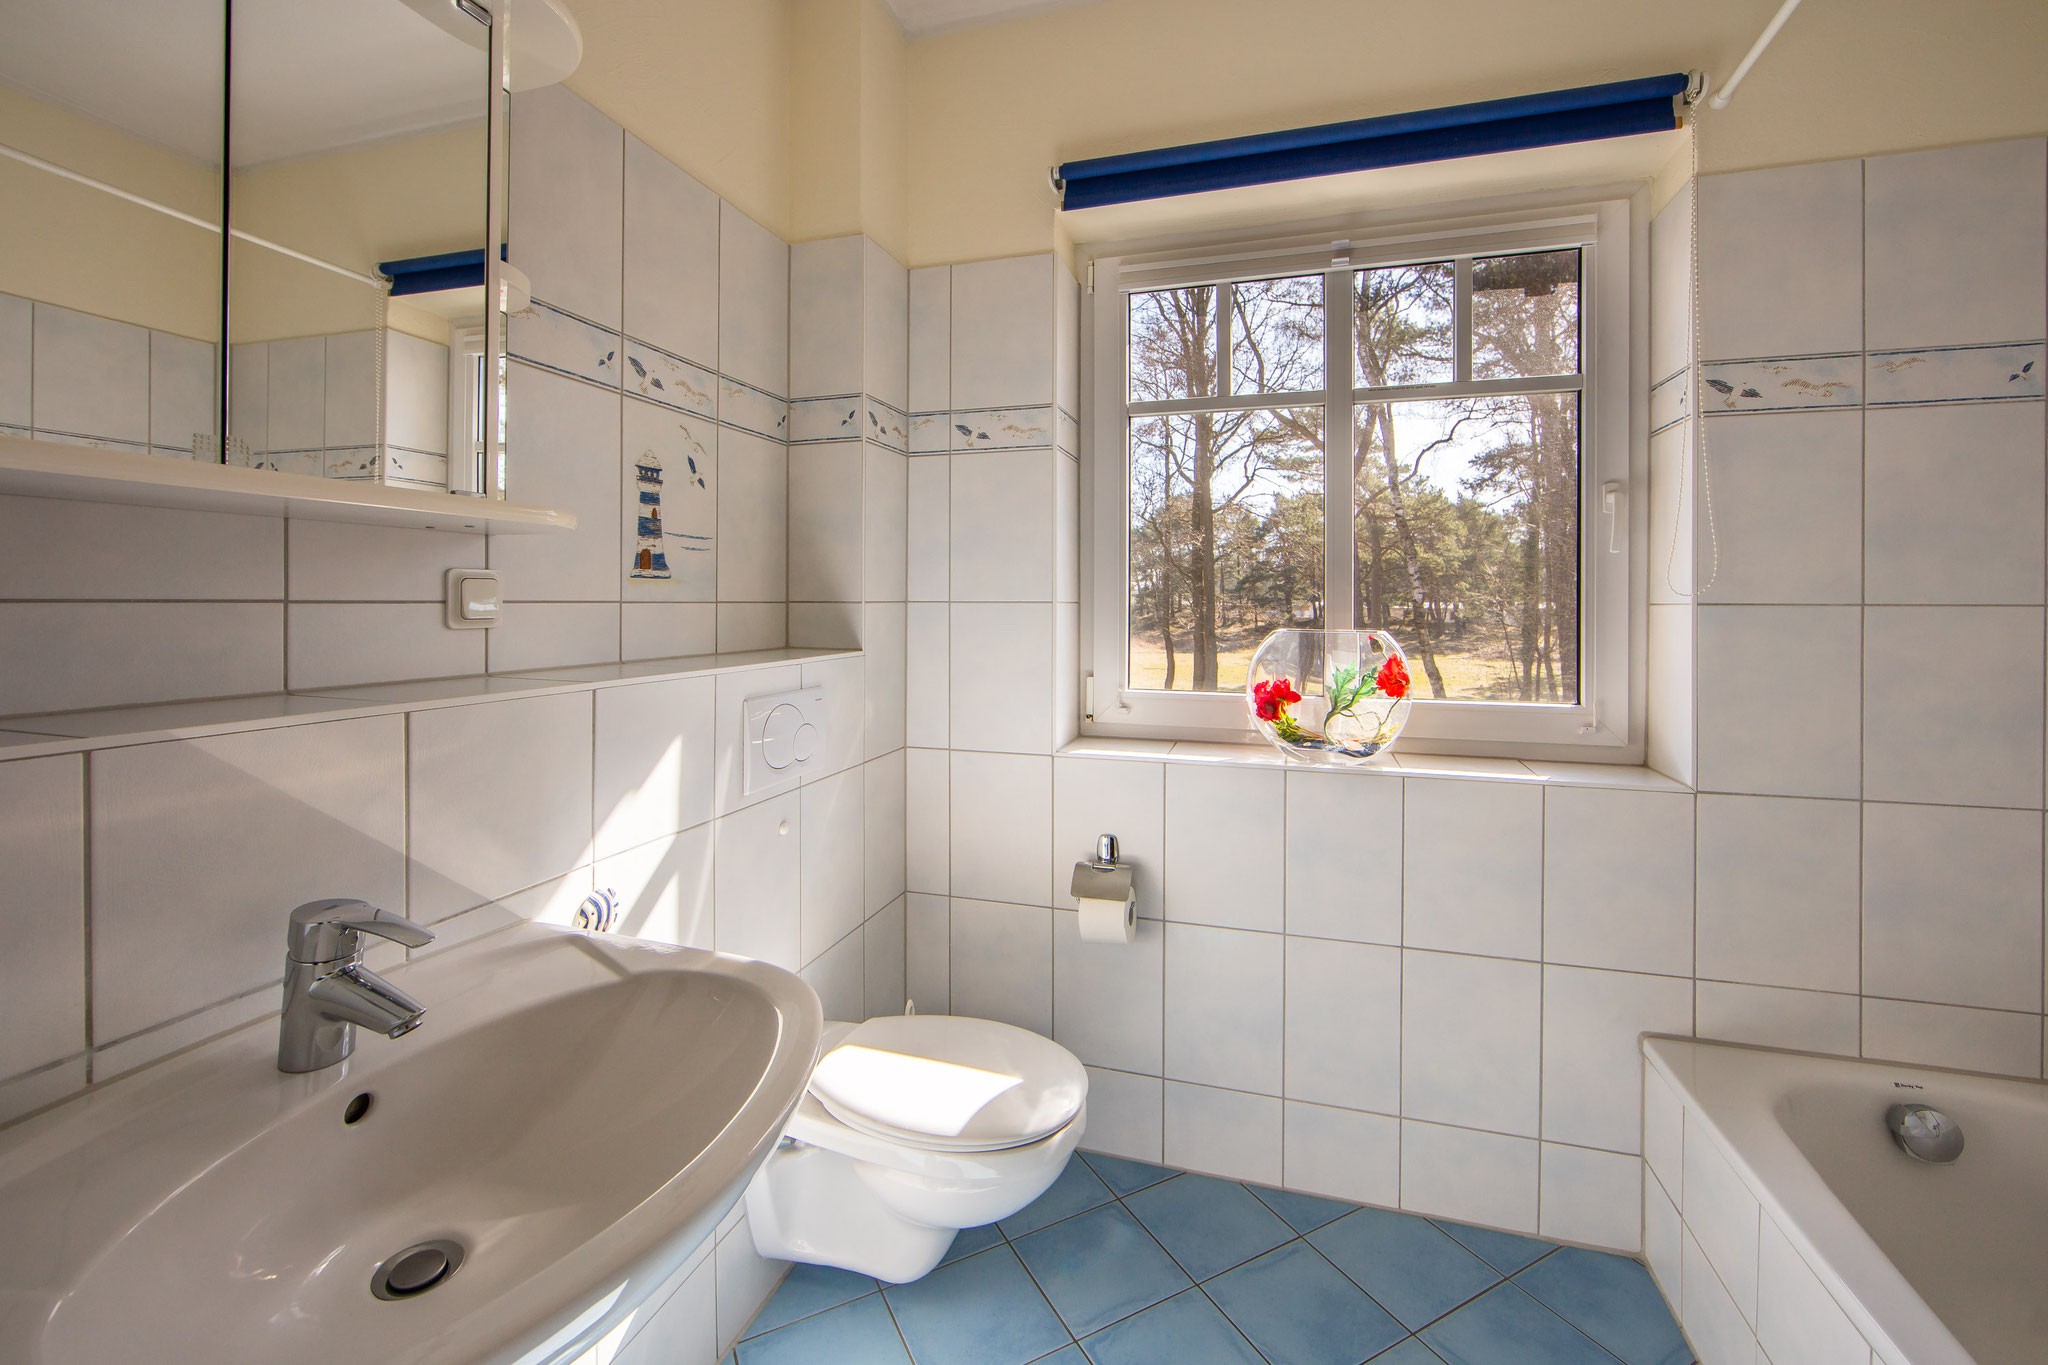 Das Bad im Obergeschoss mit Badewanne, Mückengittern und Verdunkelungsrollos